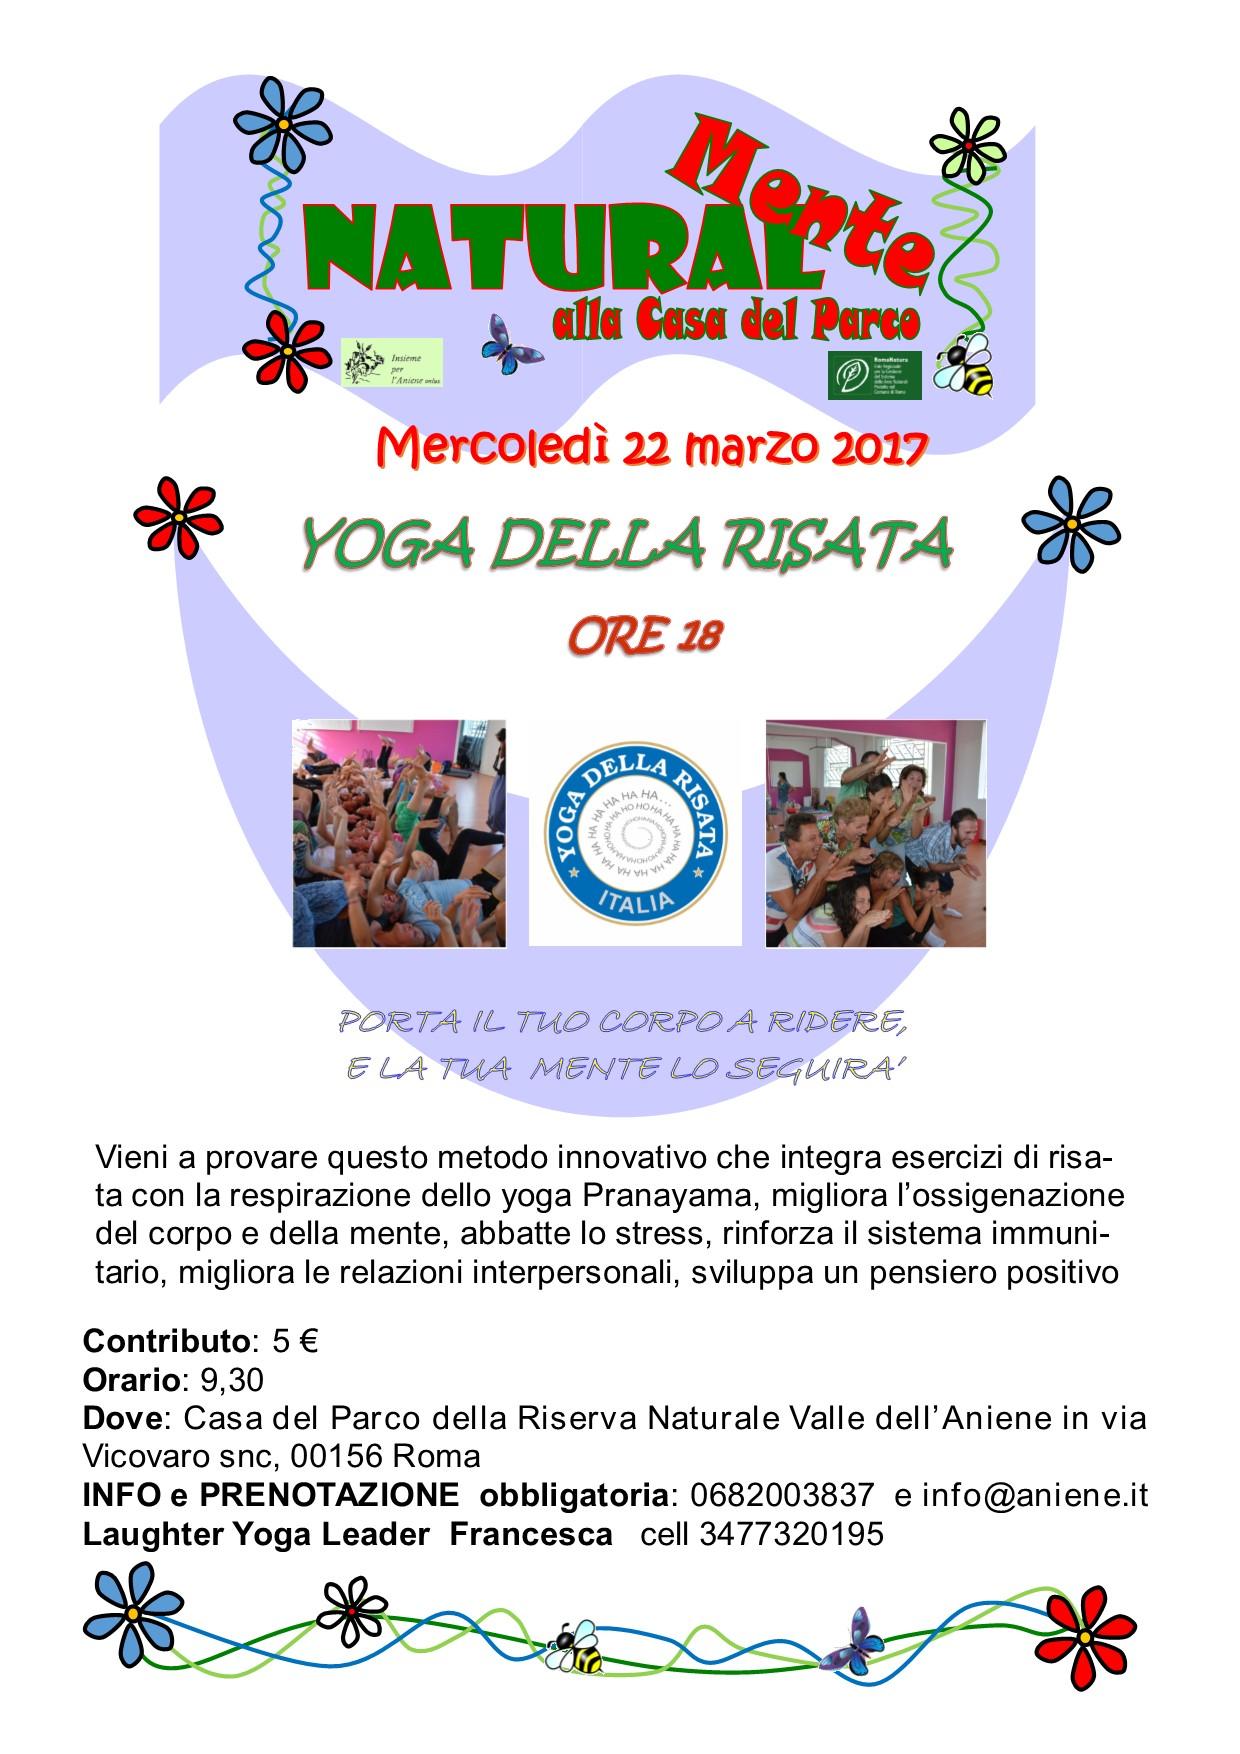 Yoga della Risata pomeridiano 22 marzo